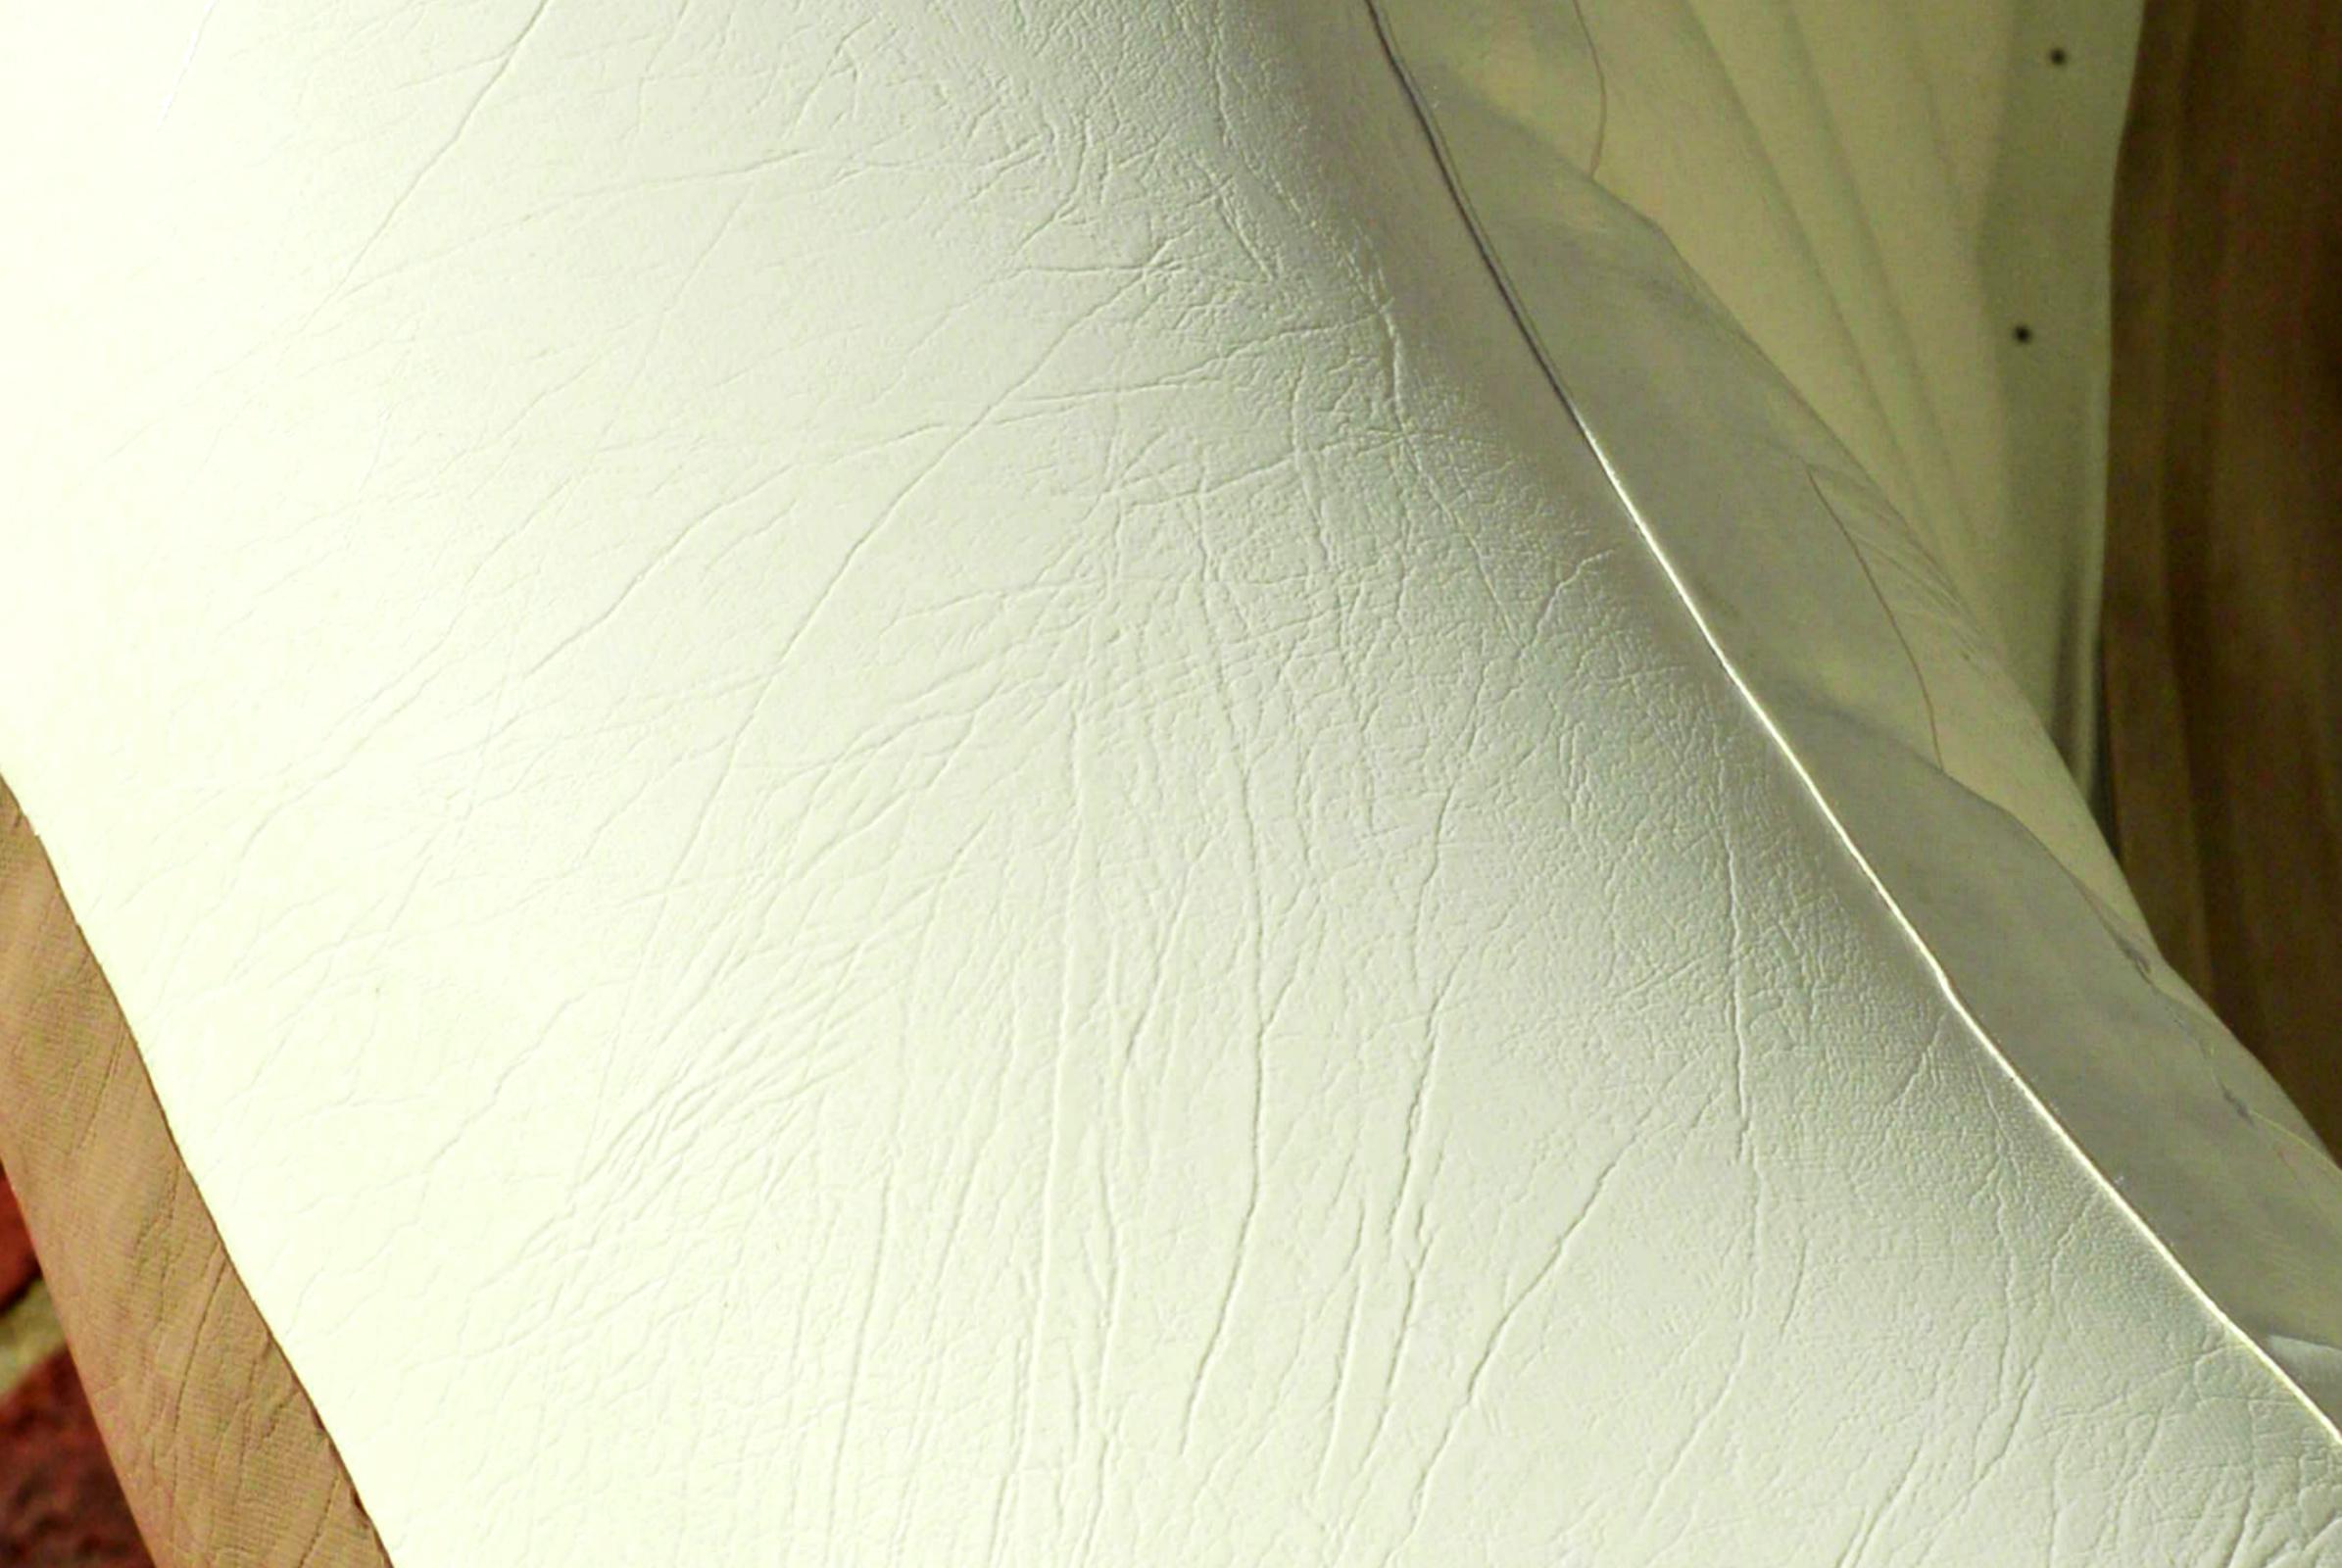 วัสดุของอ่างน้ำวนจากุซซี่เคลื่อนที่ เป็นเหมือนเฟอร์นิเจอร์ หนัง PVC อย่างดี มีอายุการใช้งานที่ยาวนาน